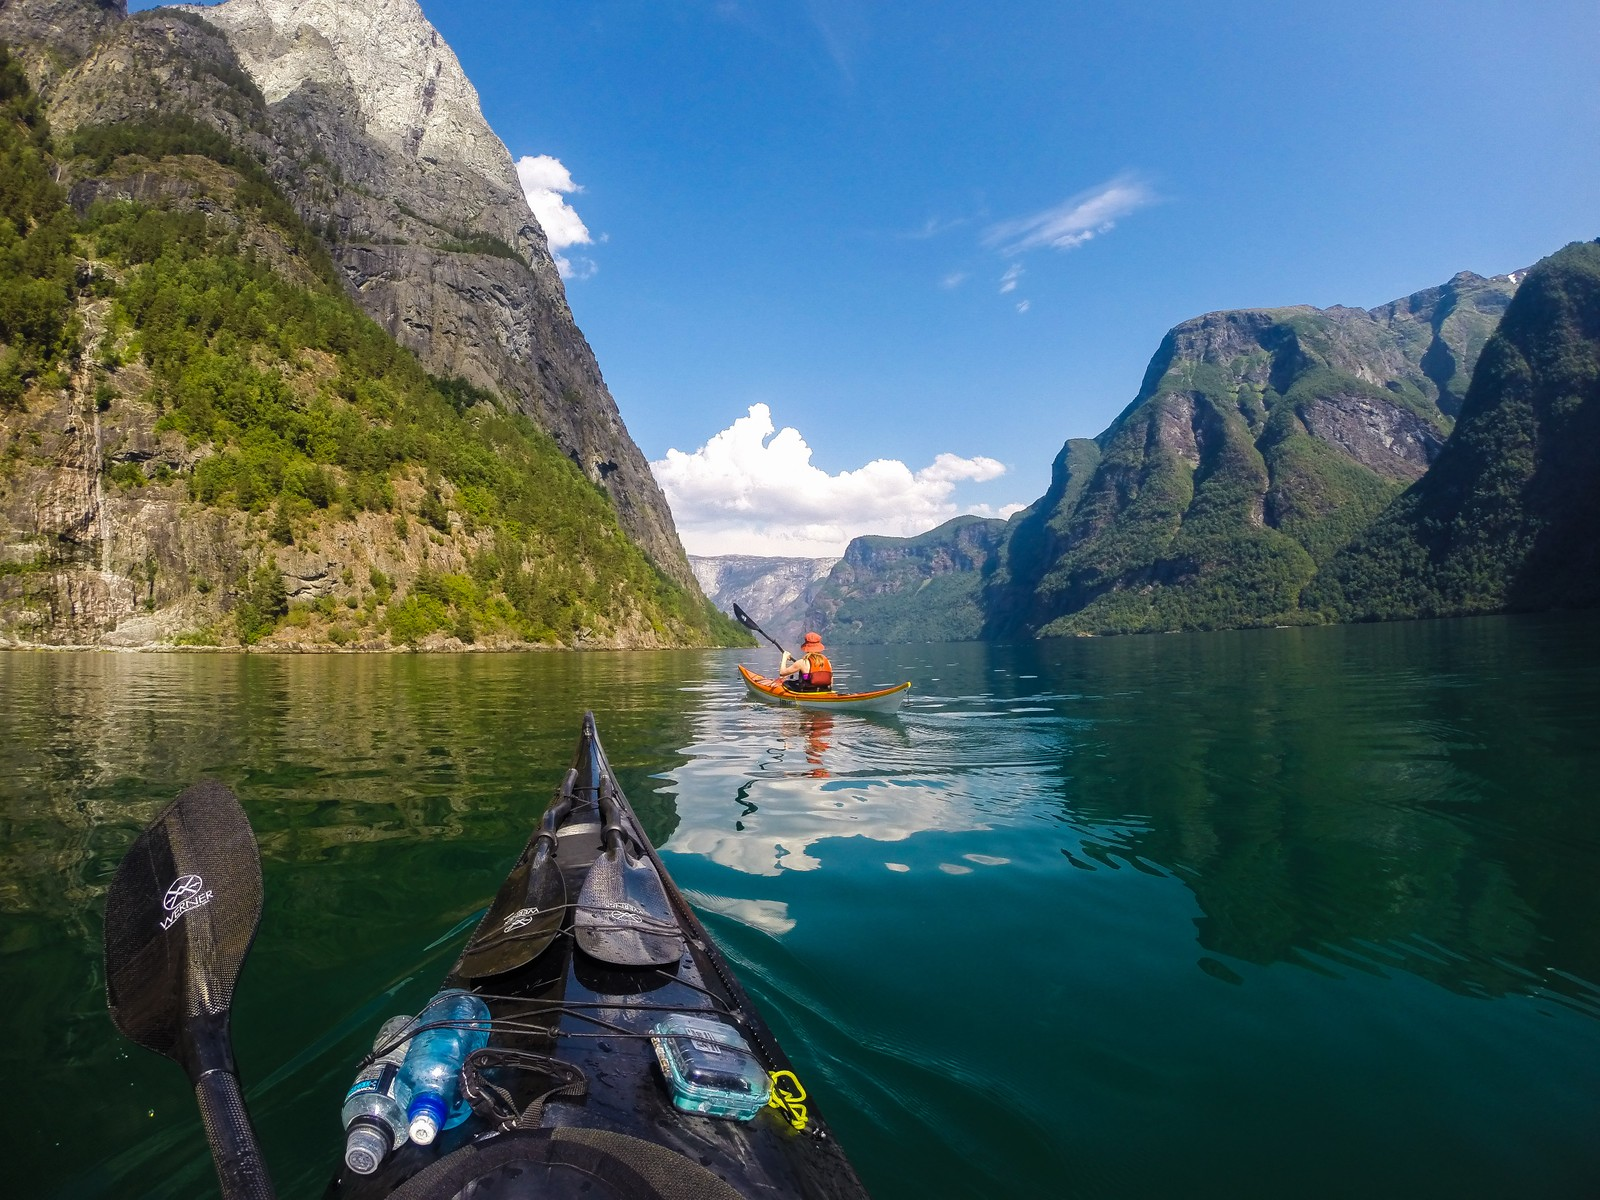 NÆRØYFJORDEN: – Padling er en mye mindre fysisk krevende aktivitet, der man kan slappe av og samtidig komme i mental balanse, sier Furmanek. Her fra Nærøyfjorden.